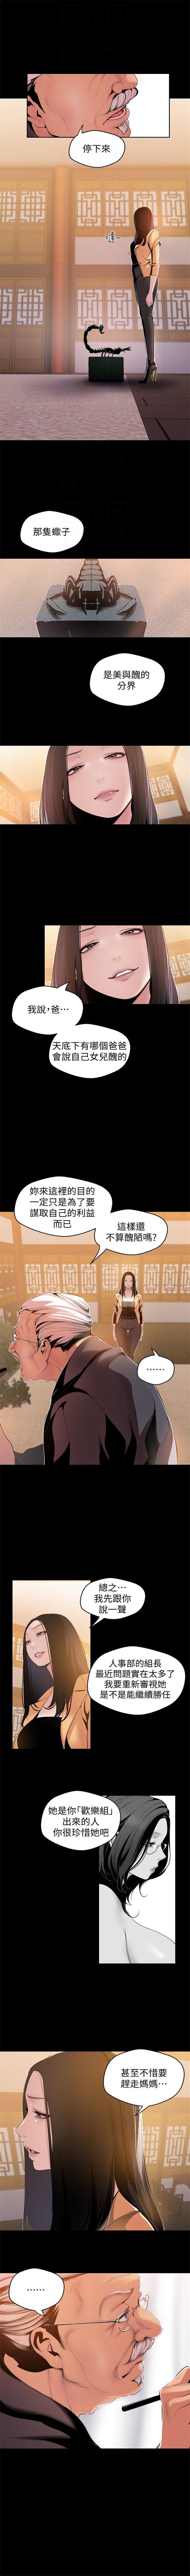 (周6)美丽新世界 1-61 中文翻译 (更新中) 412